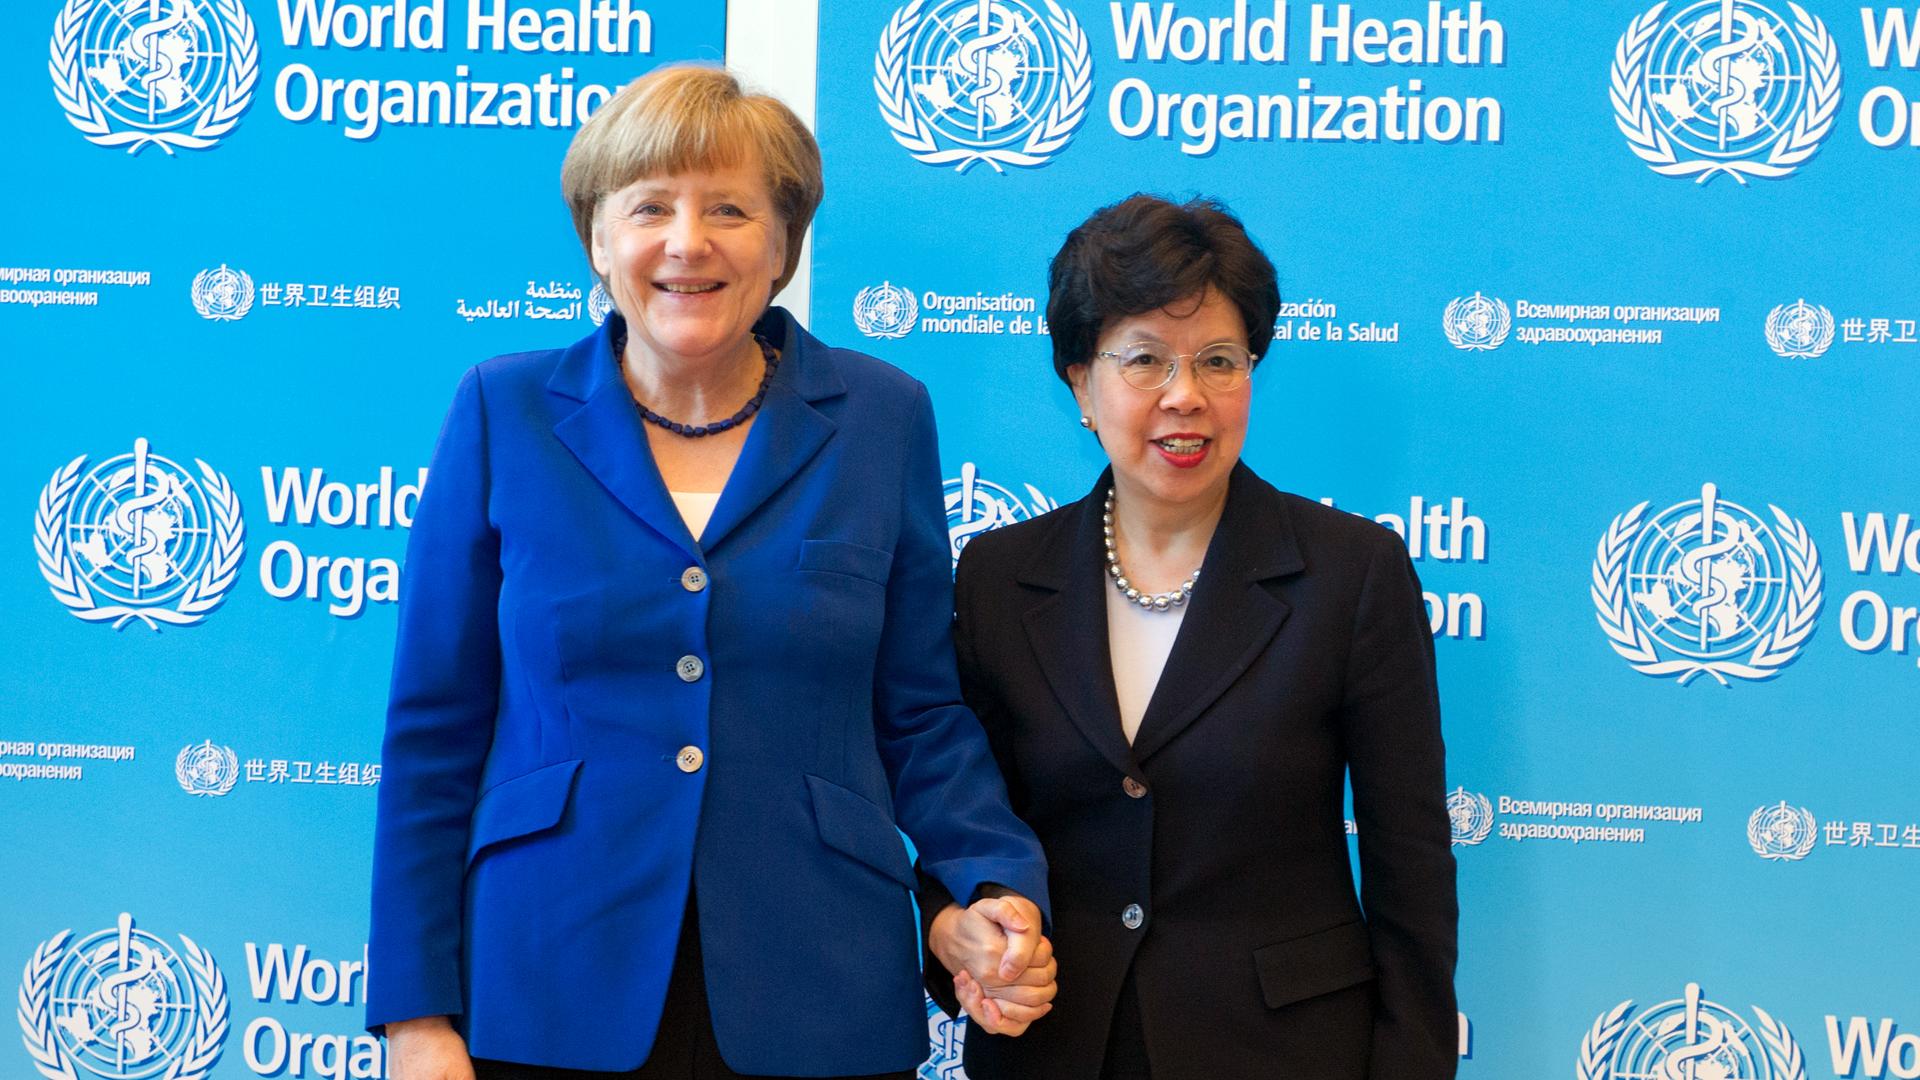 Bundeskanzlerin Angela Merkel und die damalige Generaldirektorin der Weltgesundheitsorganisation, Margaret Chan, bei der Weltgesundheitsversammlung 2015